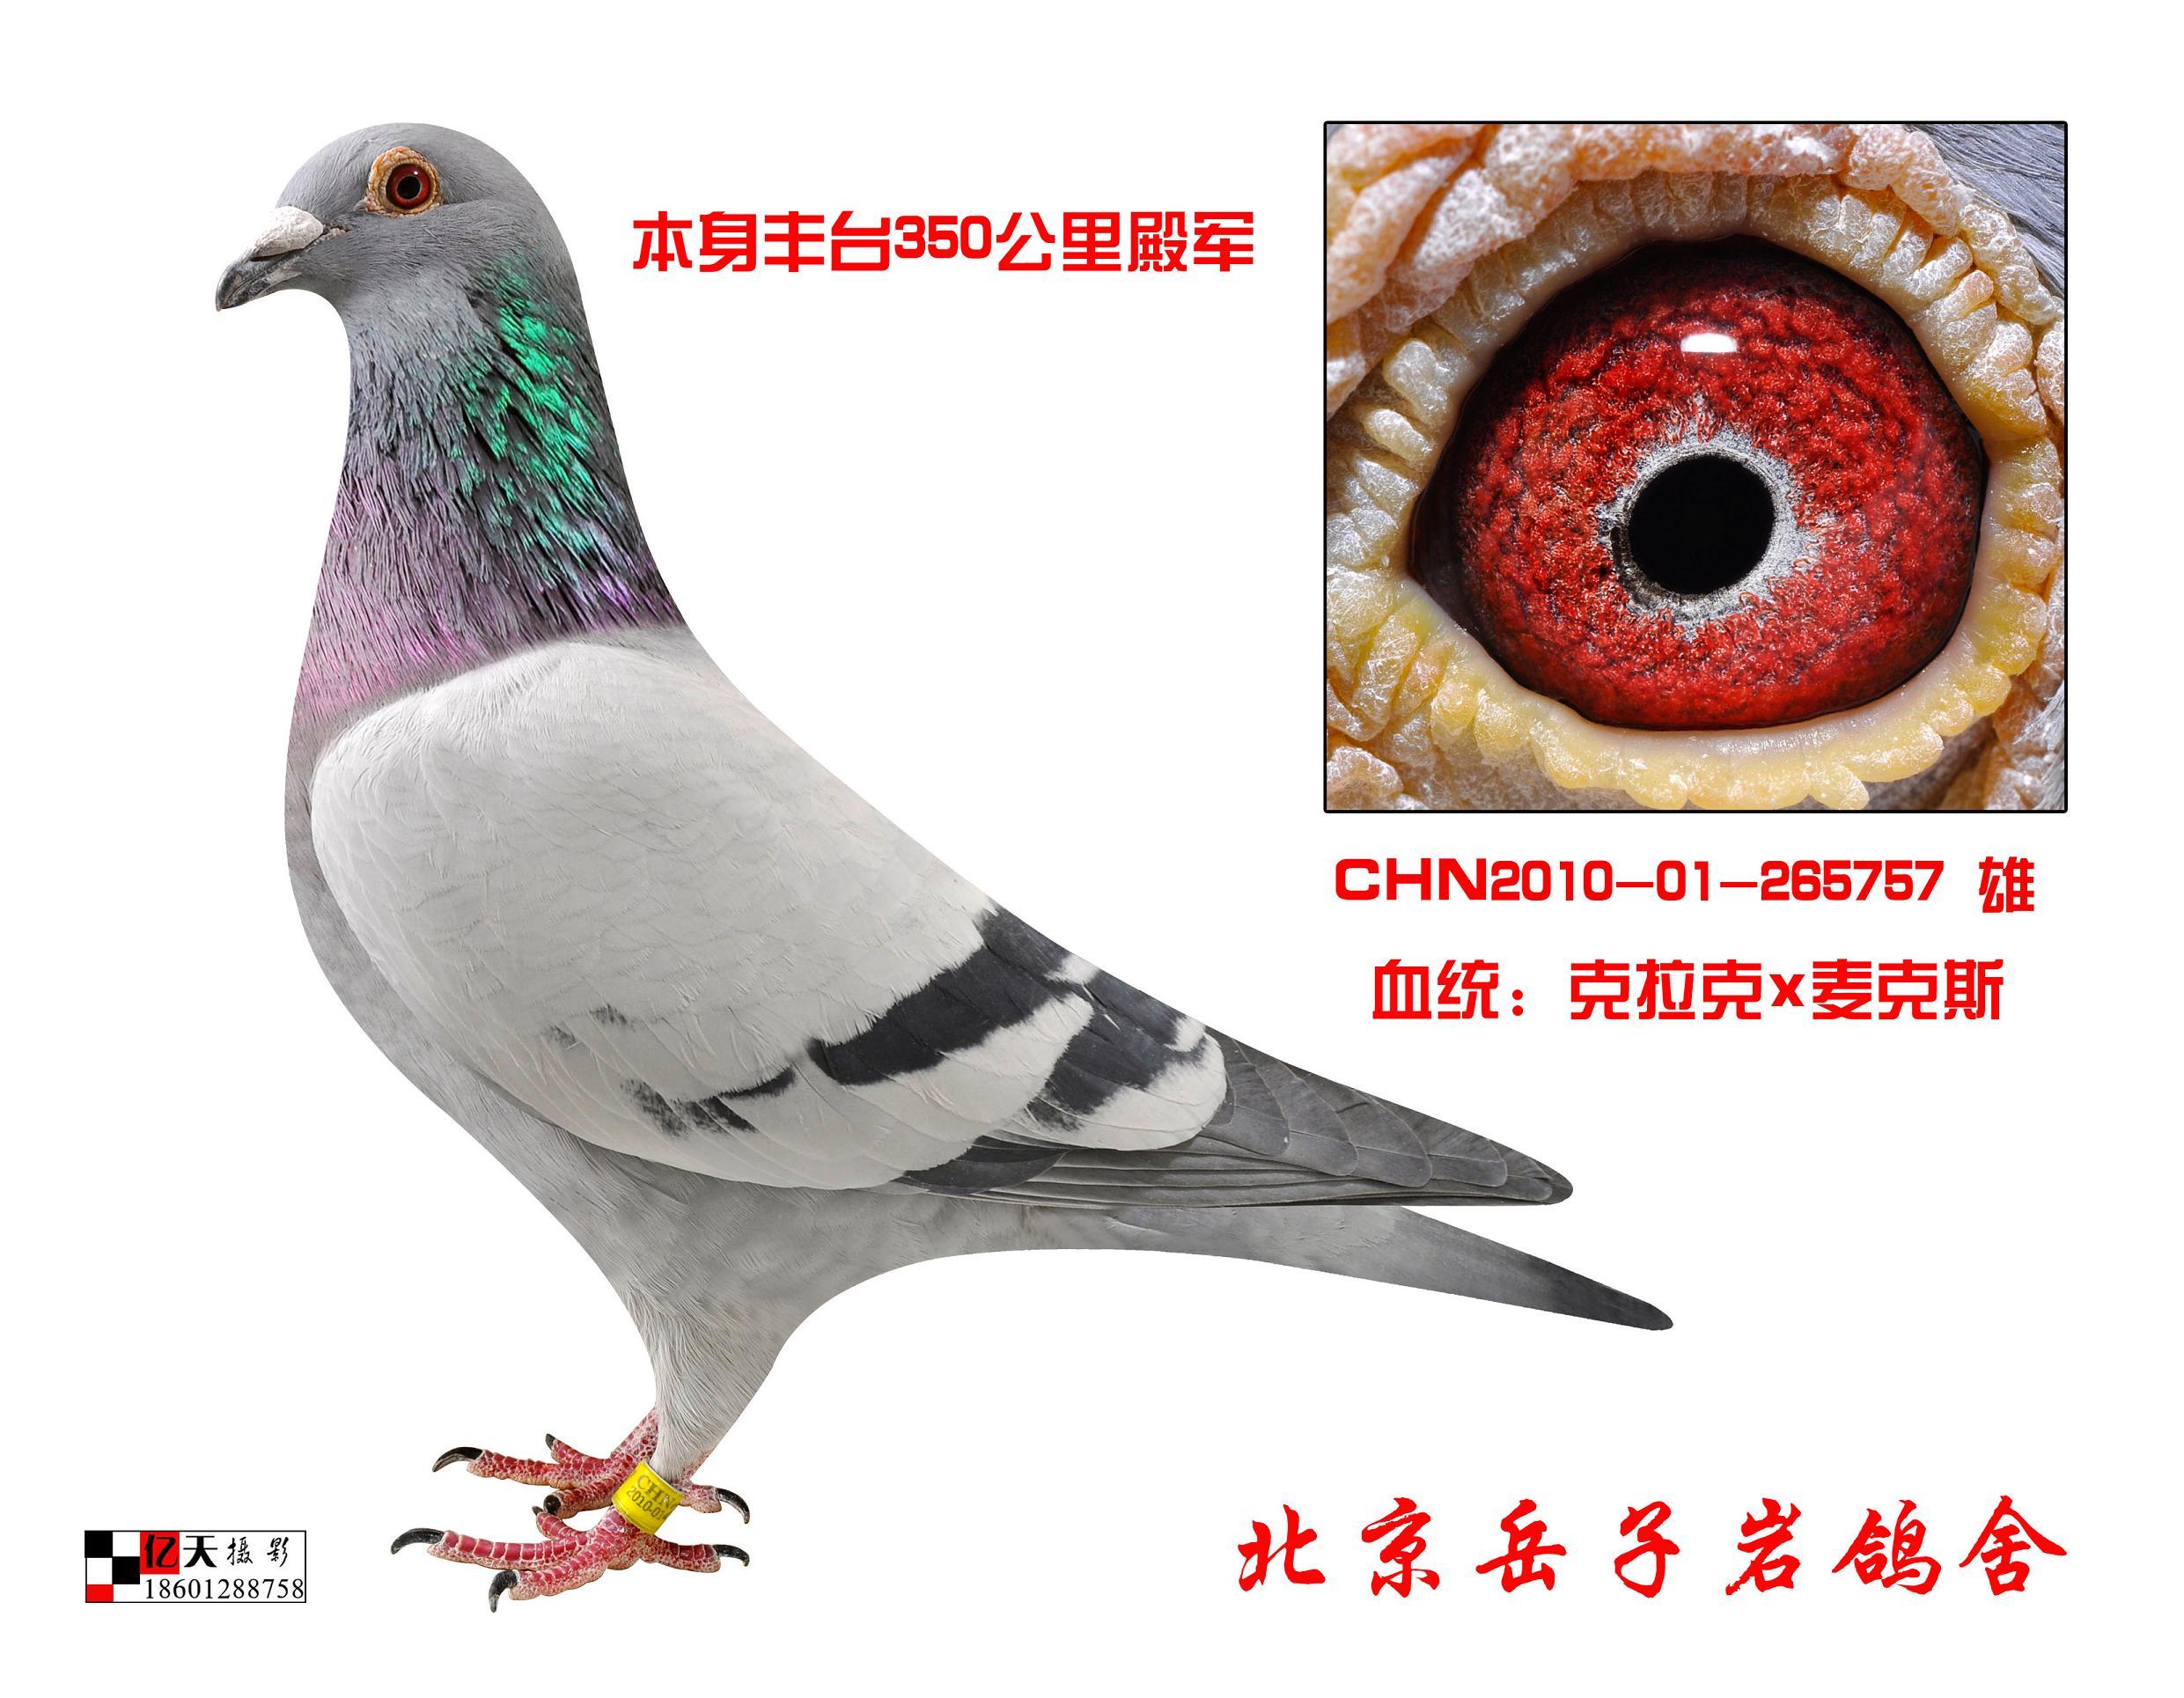 问绿眼底的黄眼鸽子配什么样的眼砂比较好图片